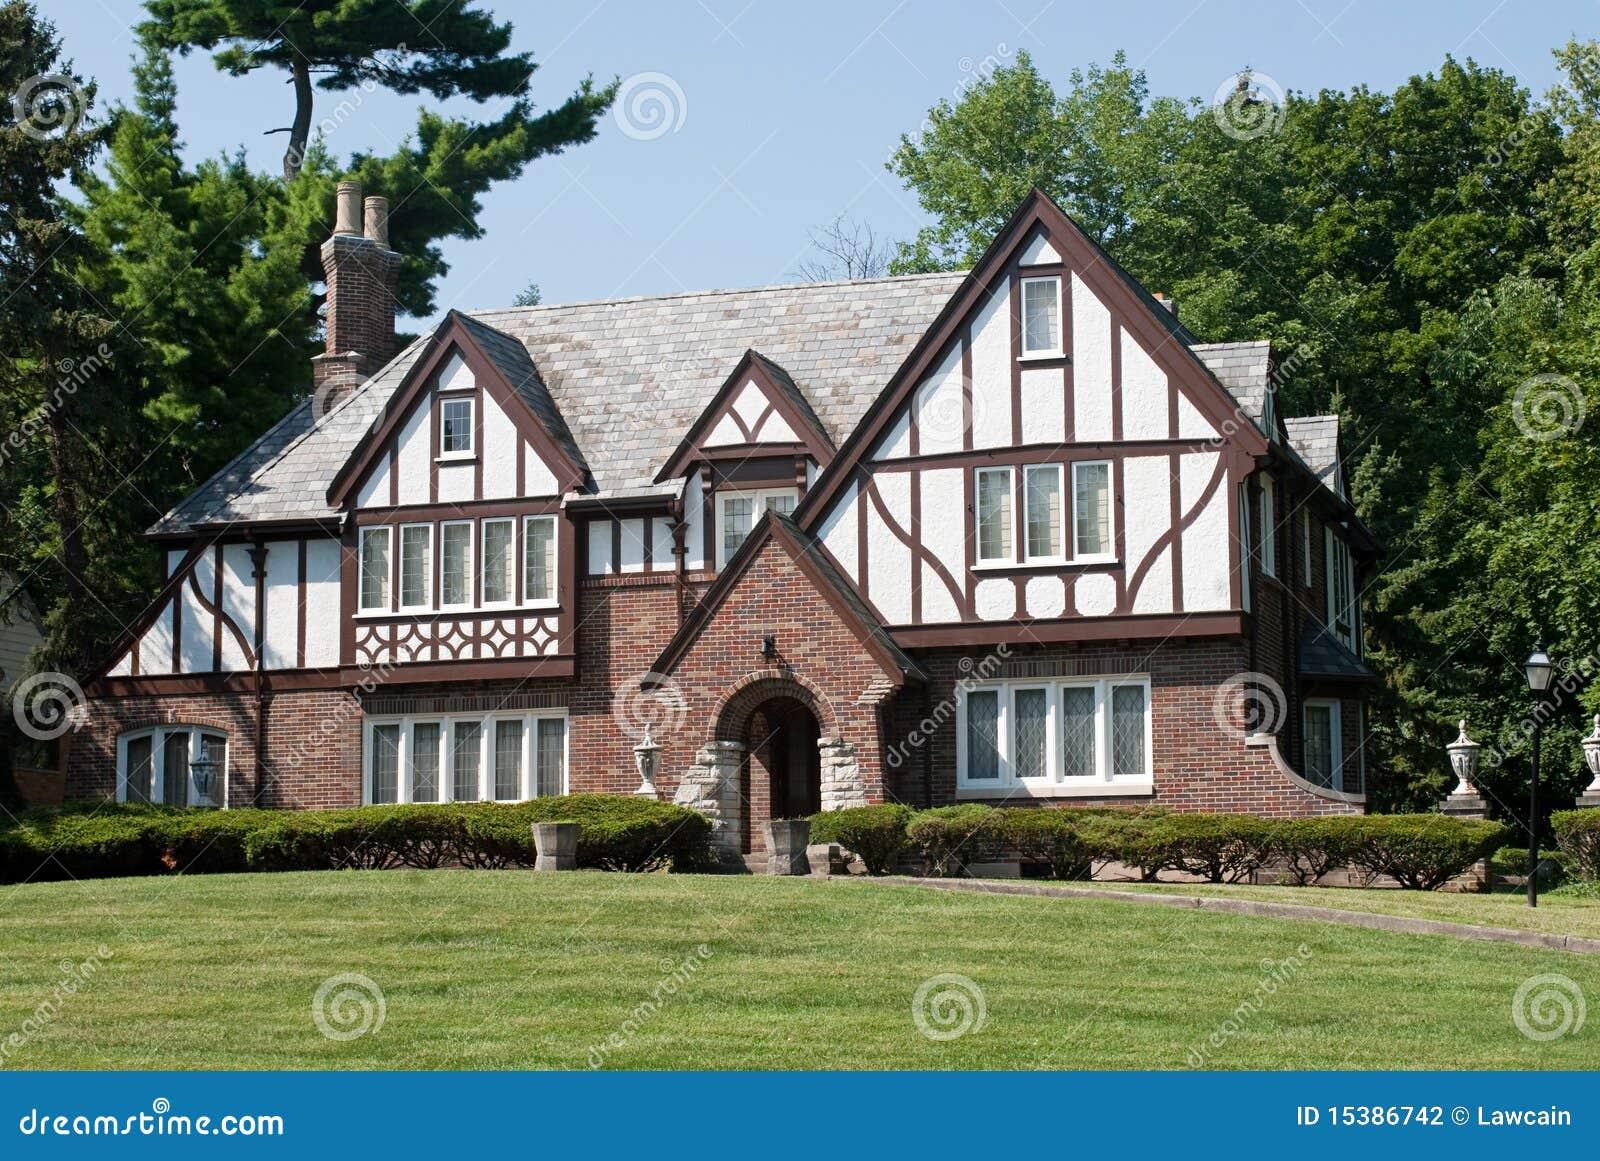 manoir anglais de tudor photographie stock image 15386742. Black Bedroom Furniture Sets. Home Design Ideas